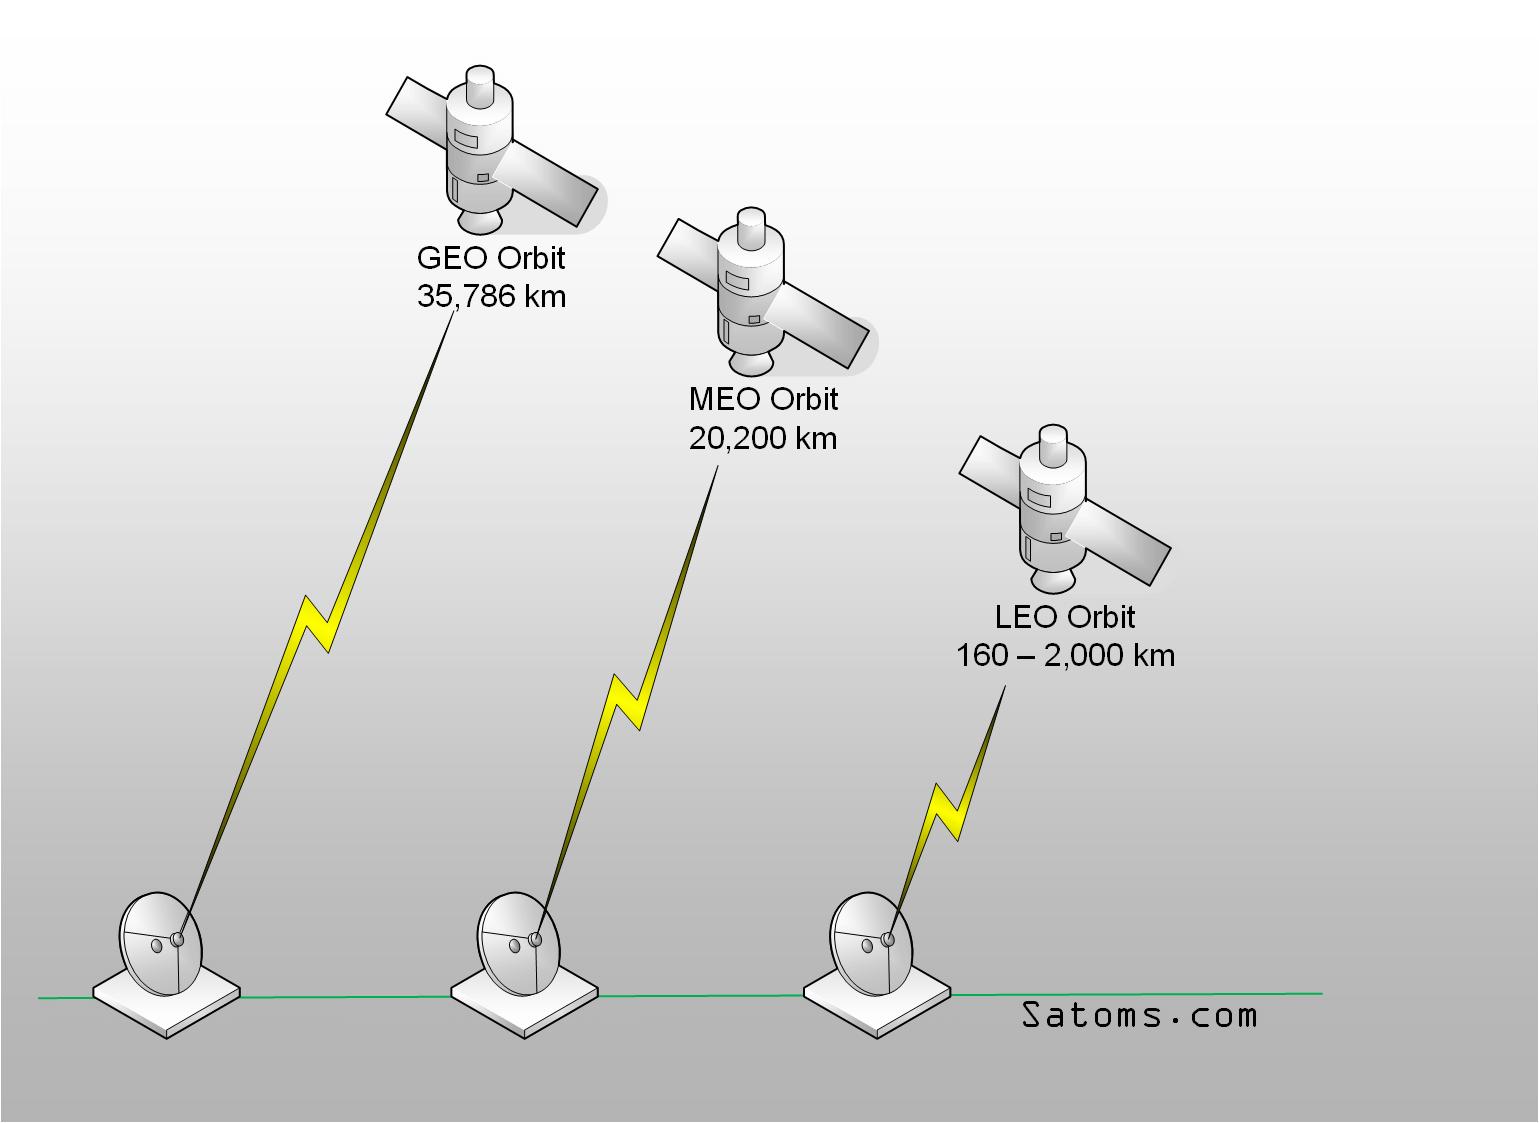 GEO, MEO and LEO Satellite Orbits